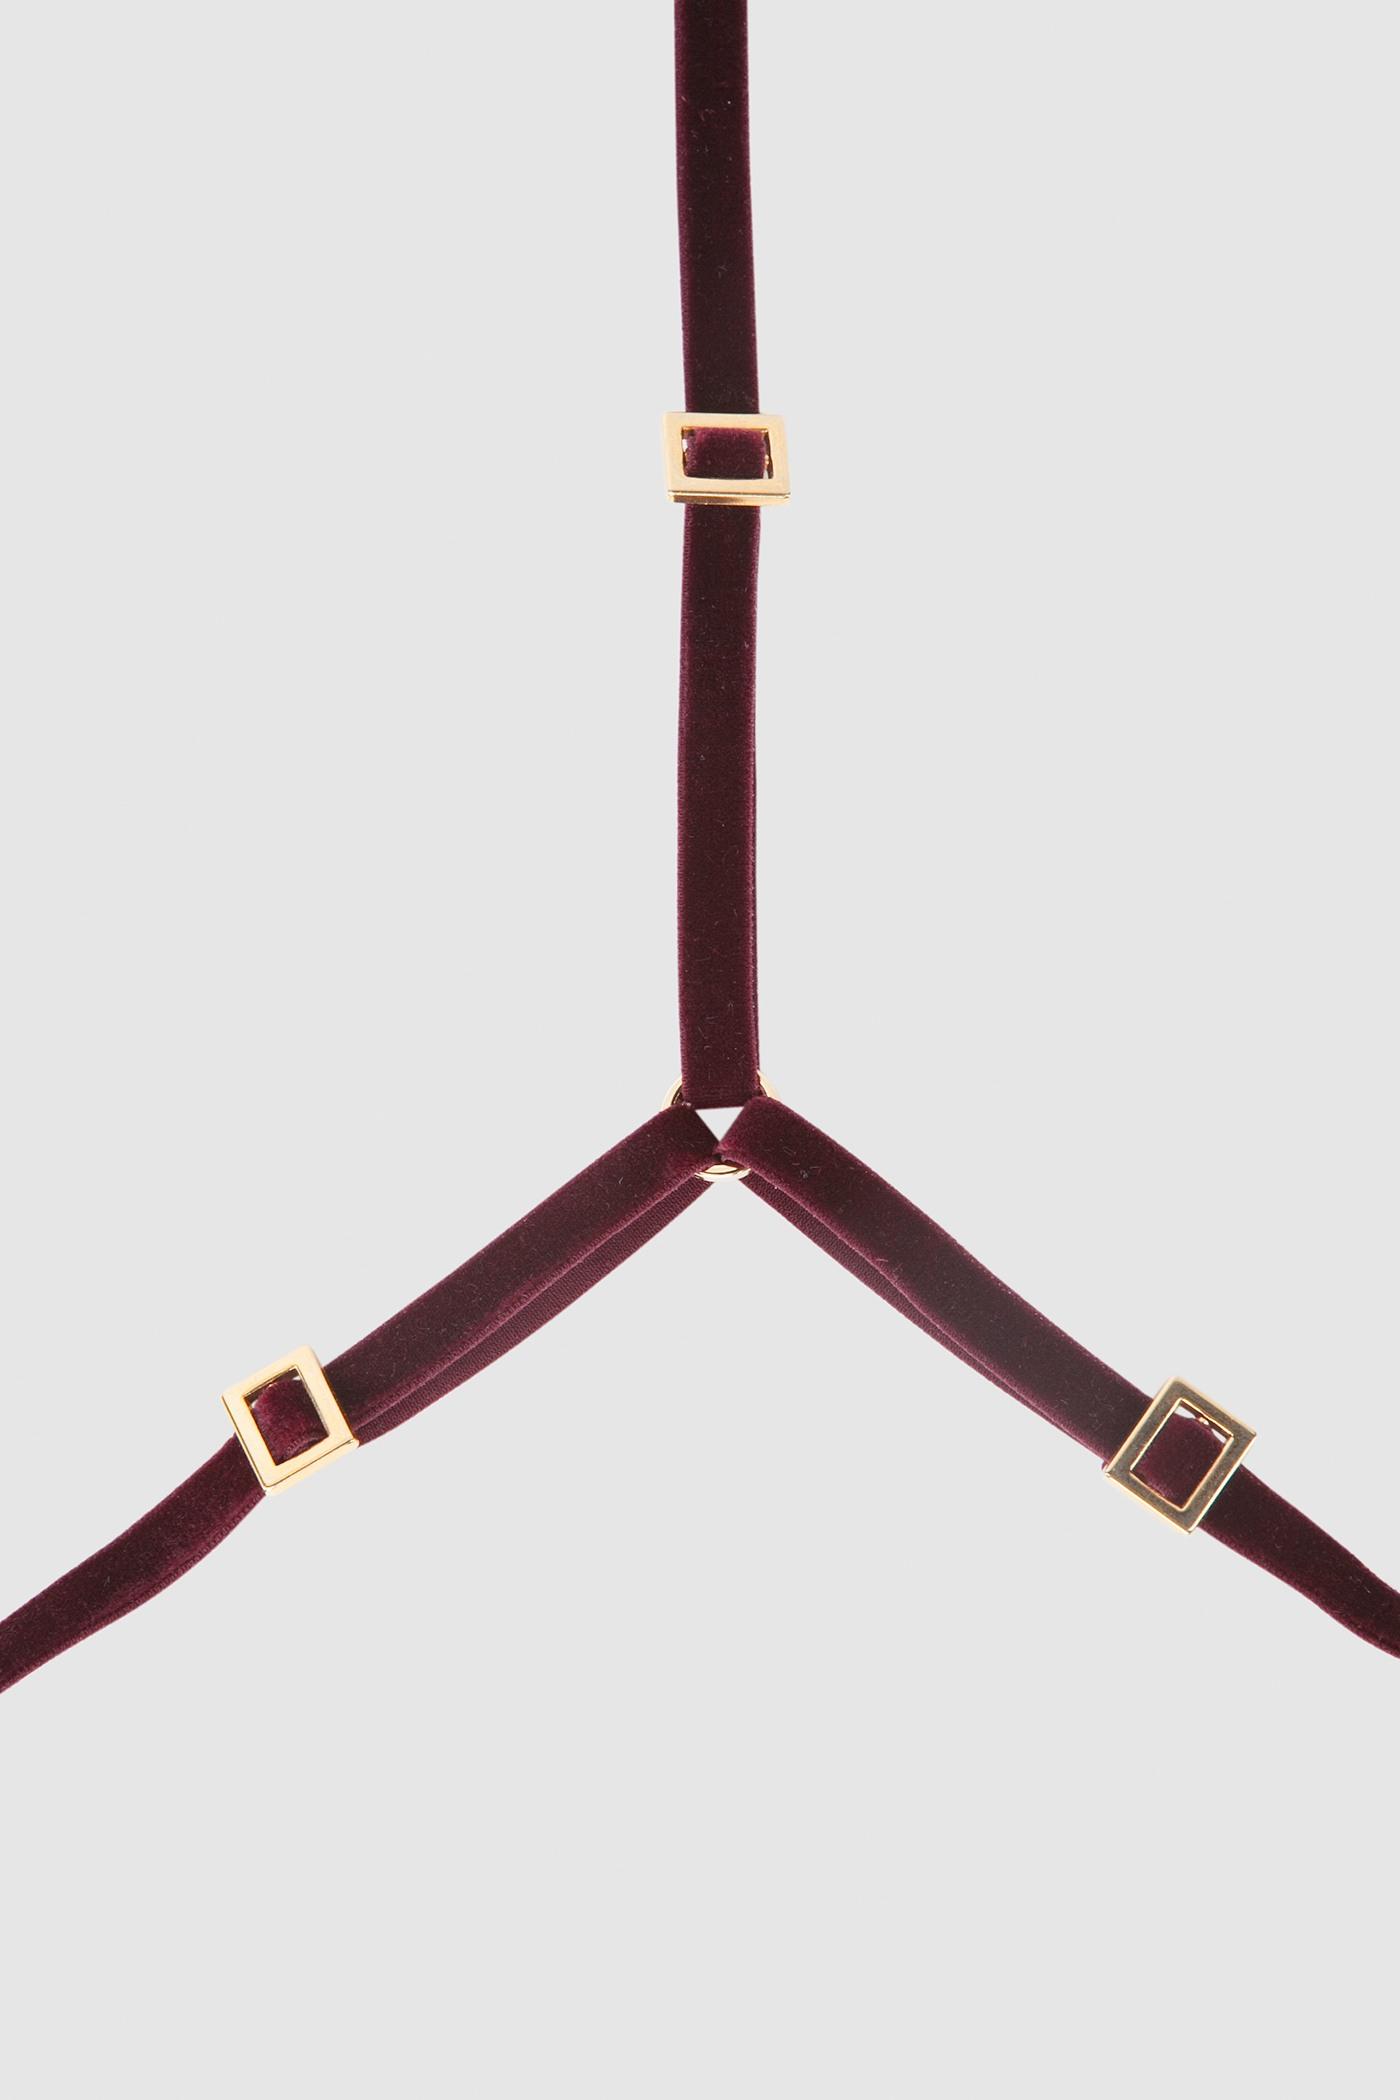 Текстильная сбруяСбруя из эластичной бархатной резинки&#13;<br>&#13;<br>&#13;<br>полностью регулируется по объему и высоте металлическими зажимами&#13;<br>&#13;<br>цвет фурнитуры - золото&#13;<br>&#13;<br>эксклюзивная, фирменная, металлическая упаковка<br><br>Цвет: Бордовый, Синий-индиго